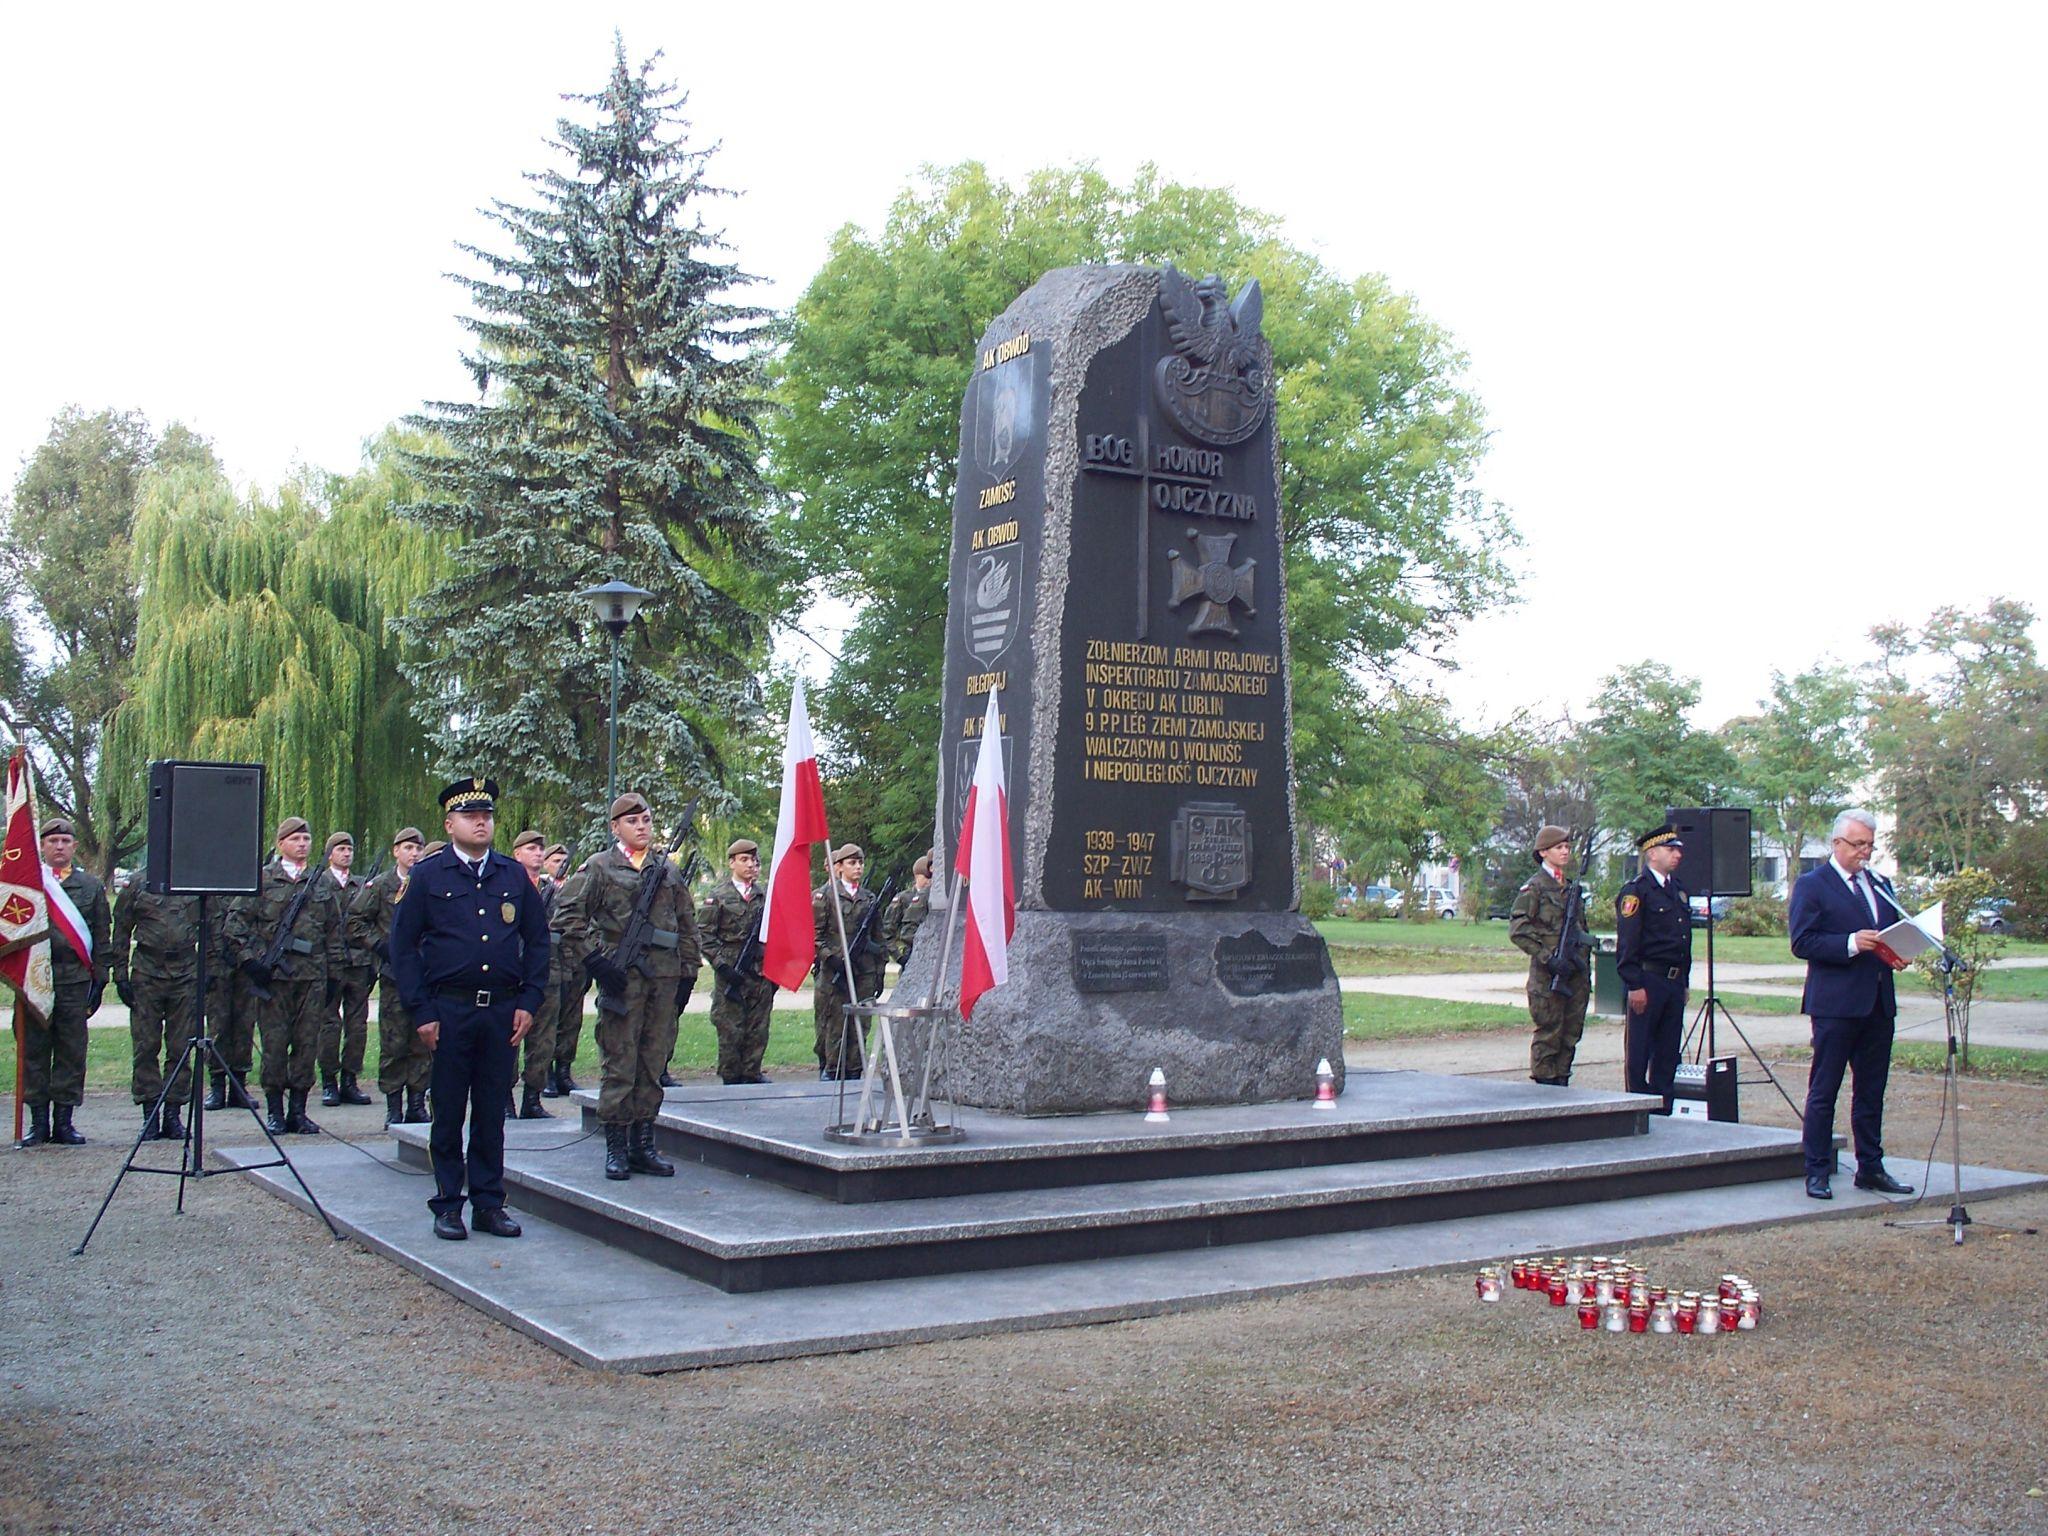 100 9682 Zamość: Obchody 80. rocznicypowstania Polskiego Państwa Podziemnego [ZDJĘCIA]